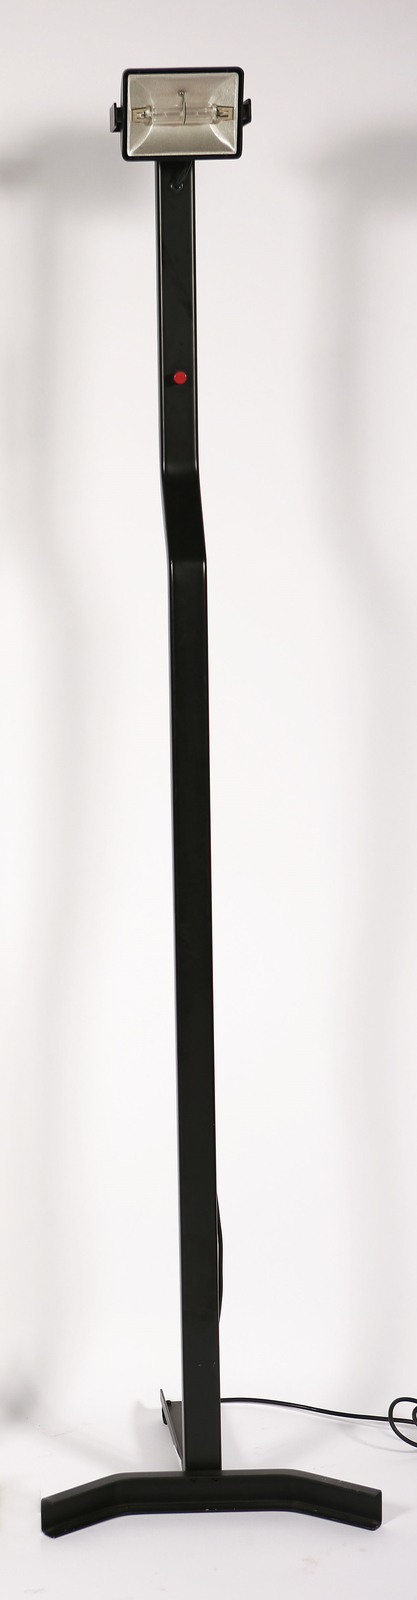 Lampada da terra in metallo laccato e dimmer in plastica, mod. Sirio T per, Sirrah, anni 70